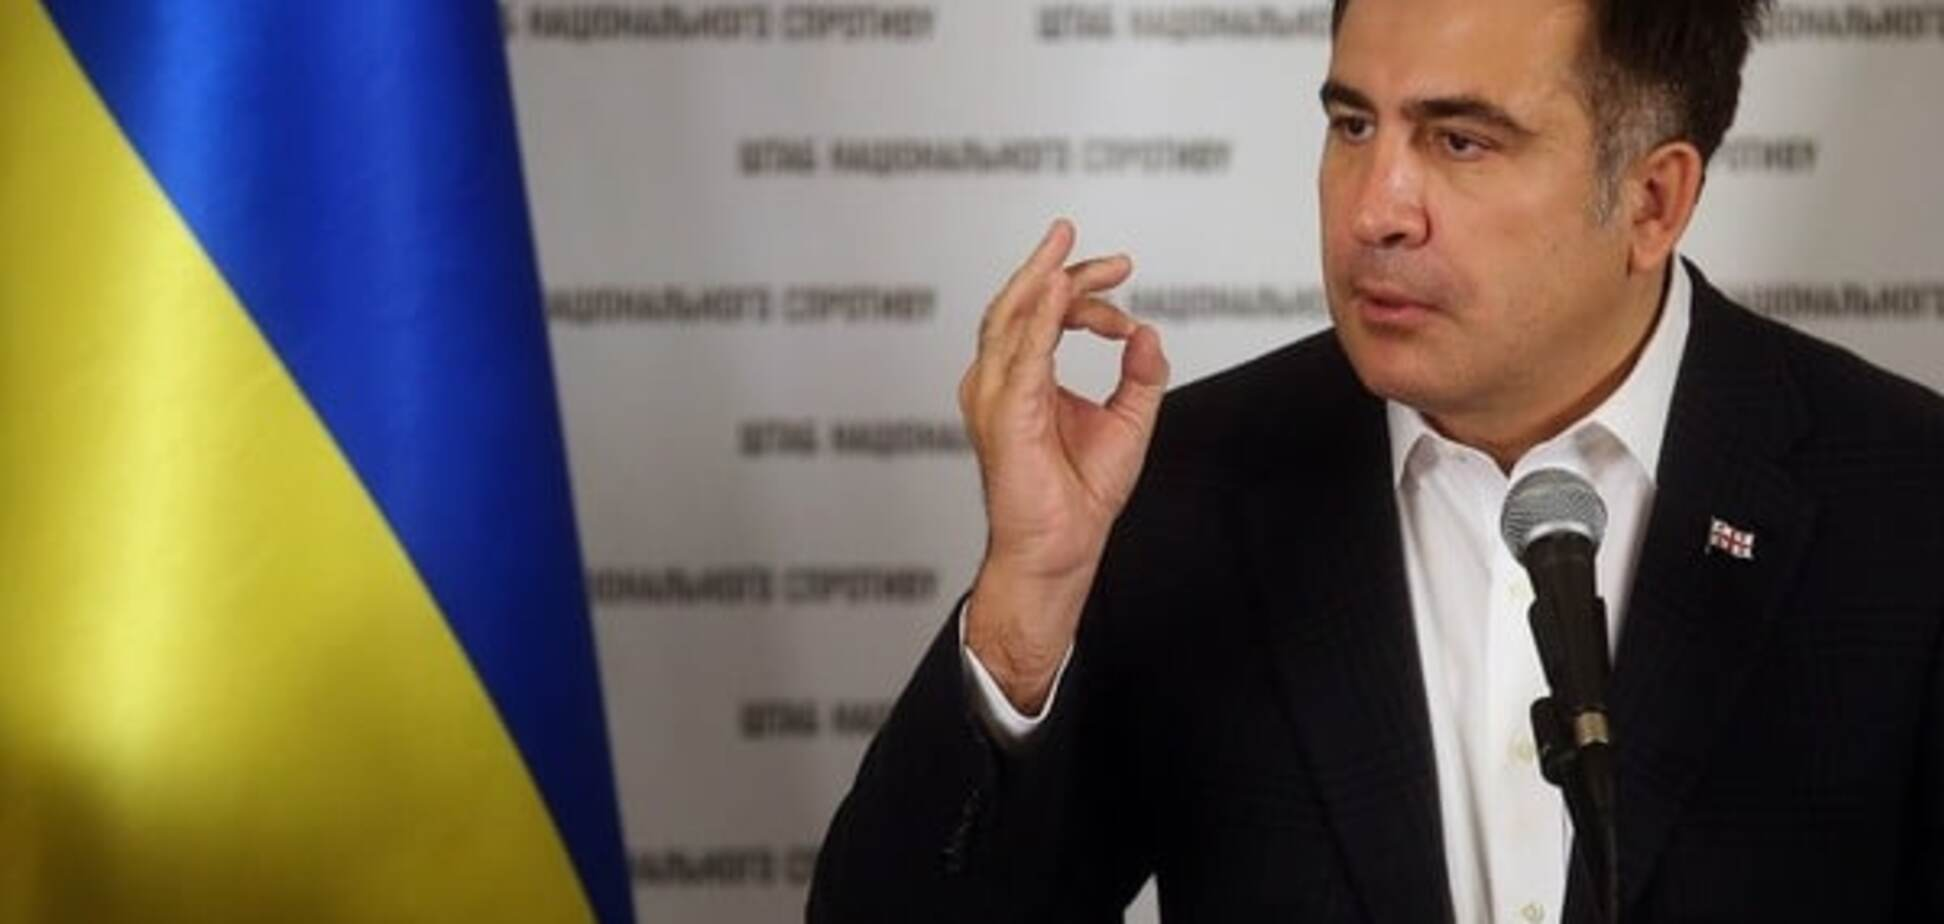 Не оправдали надежд: ТОП-5 иностранных 'реформаторов', навредивших Украине